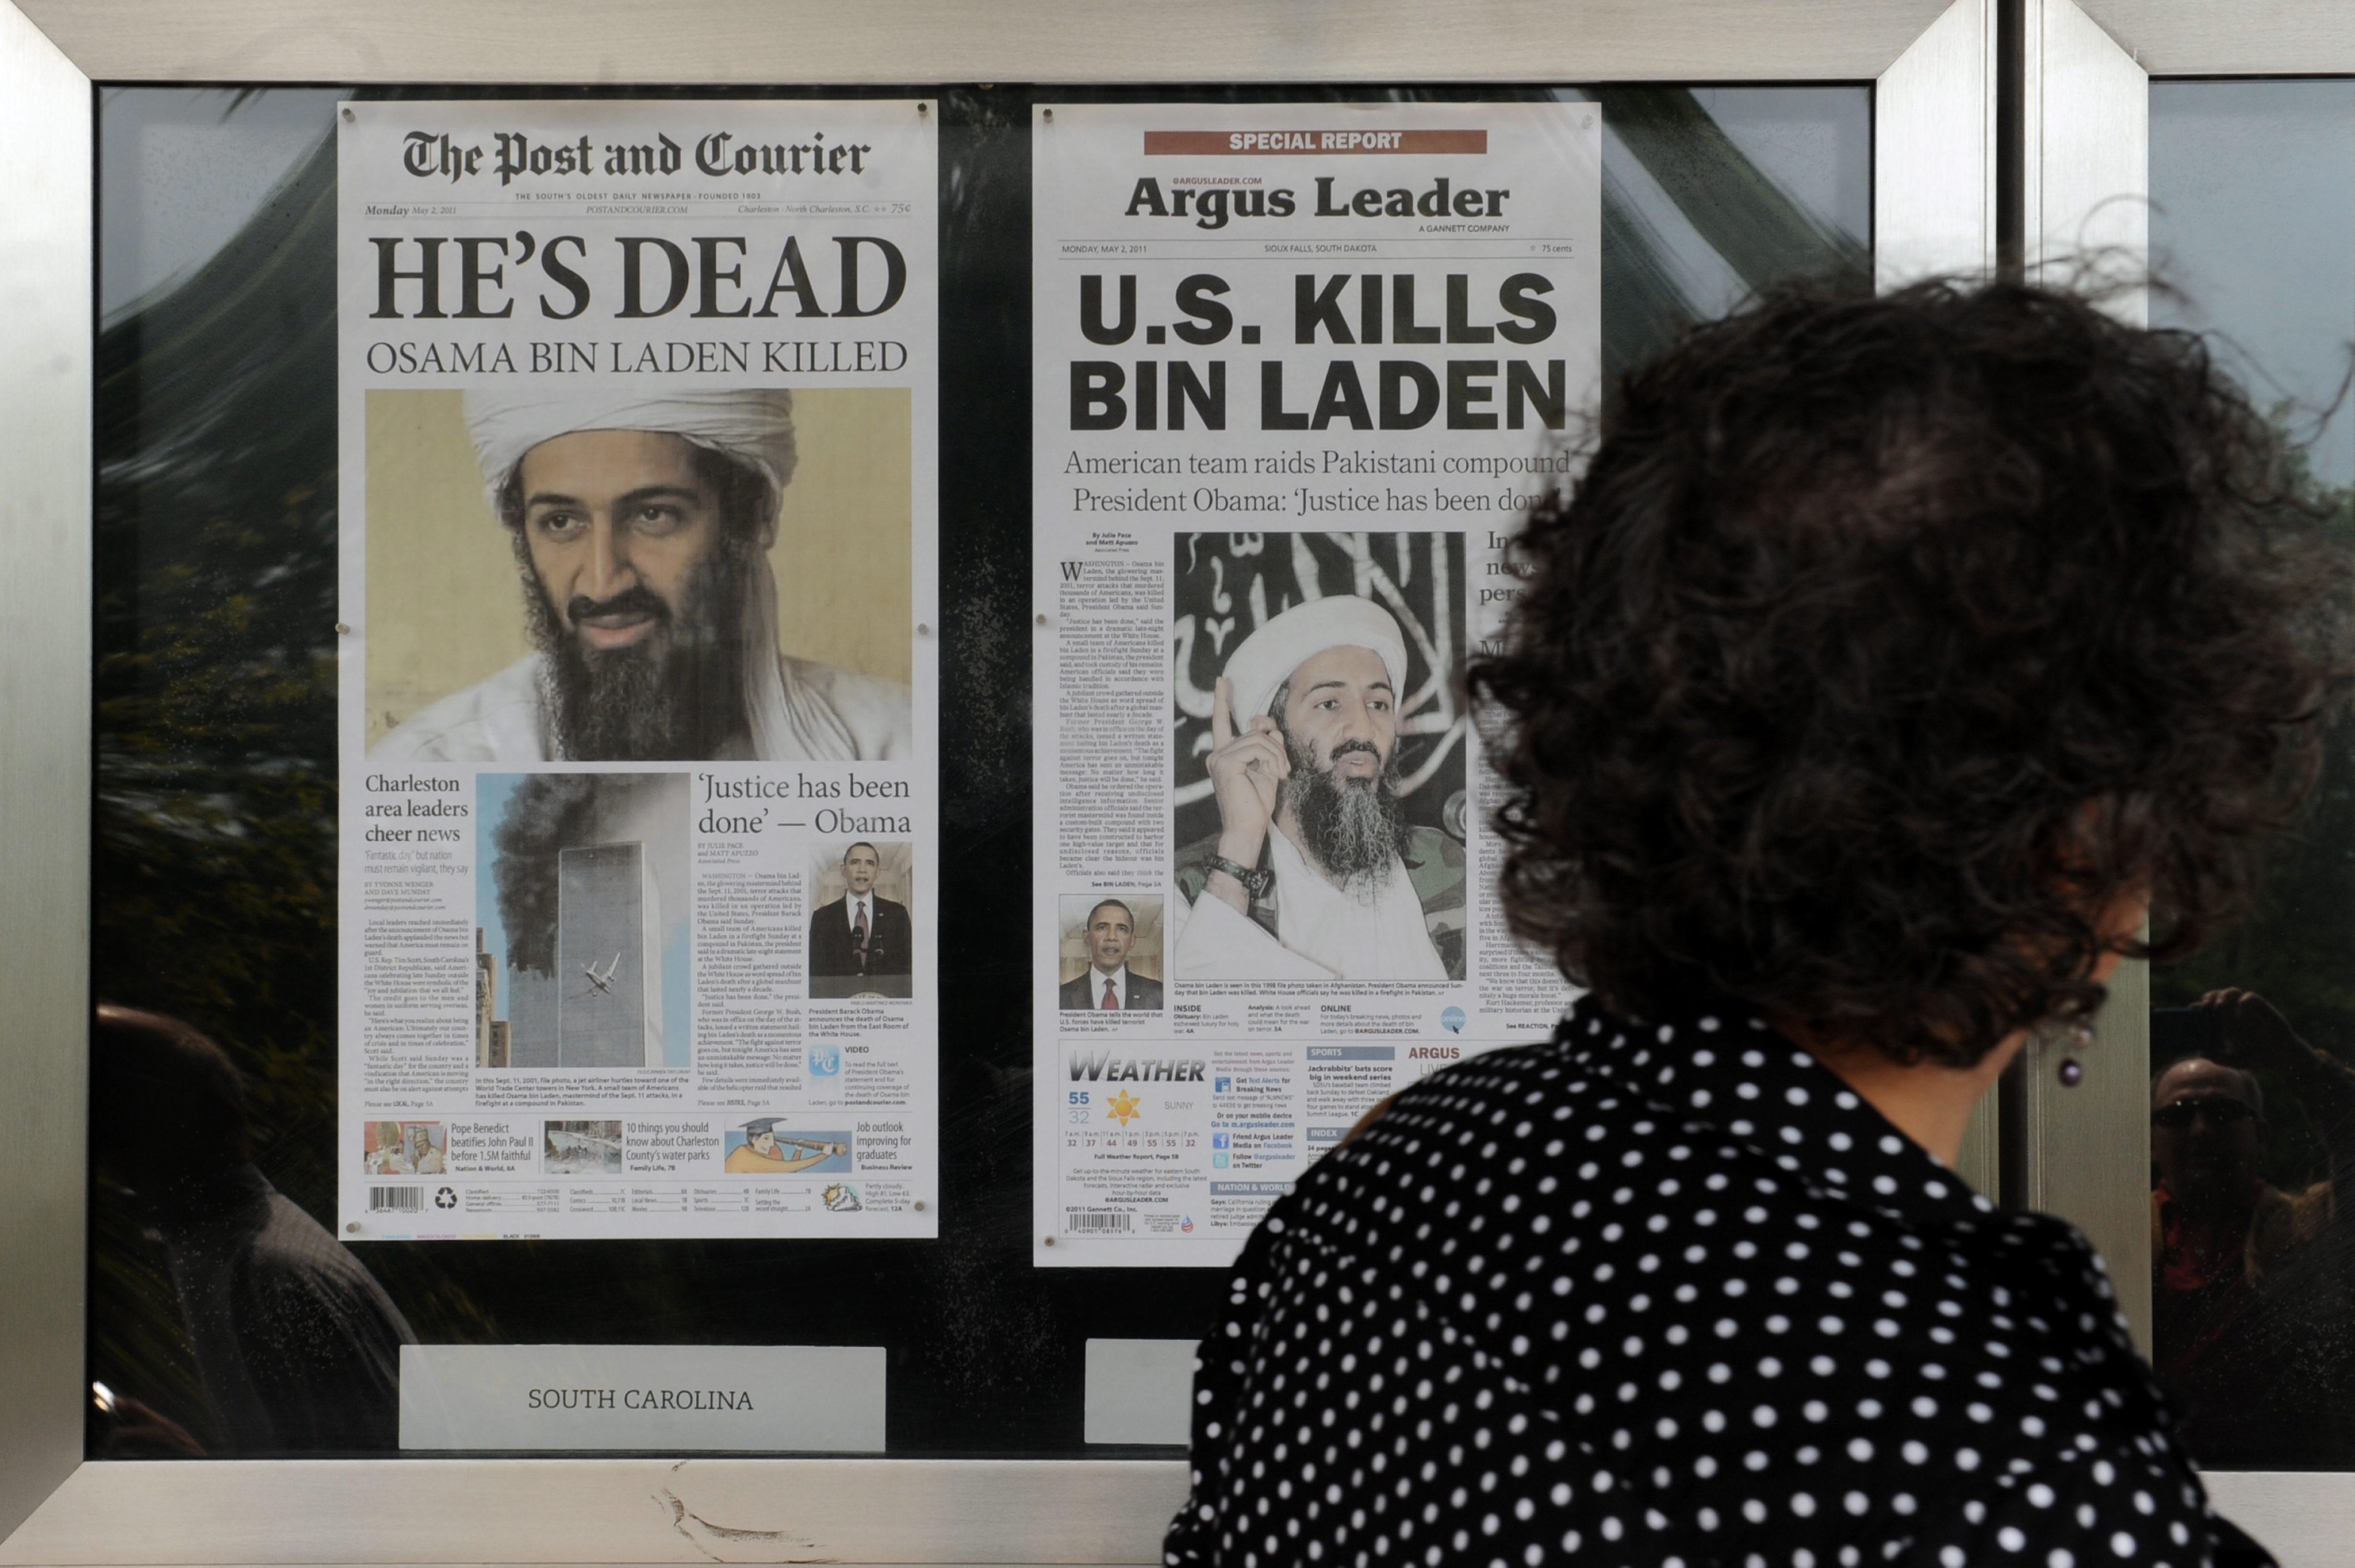 Никой няма да получи $50 млн. за главата на Осама